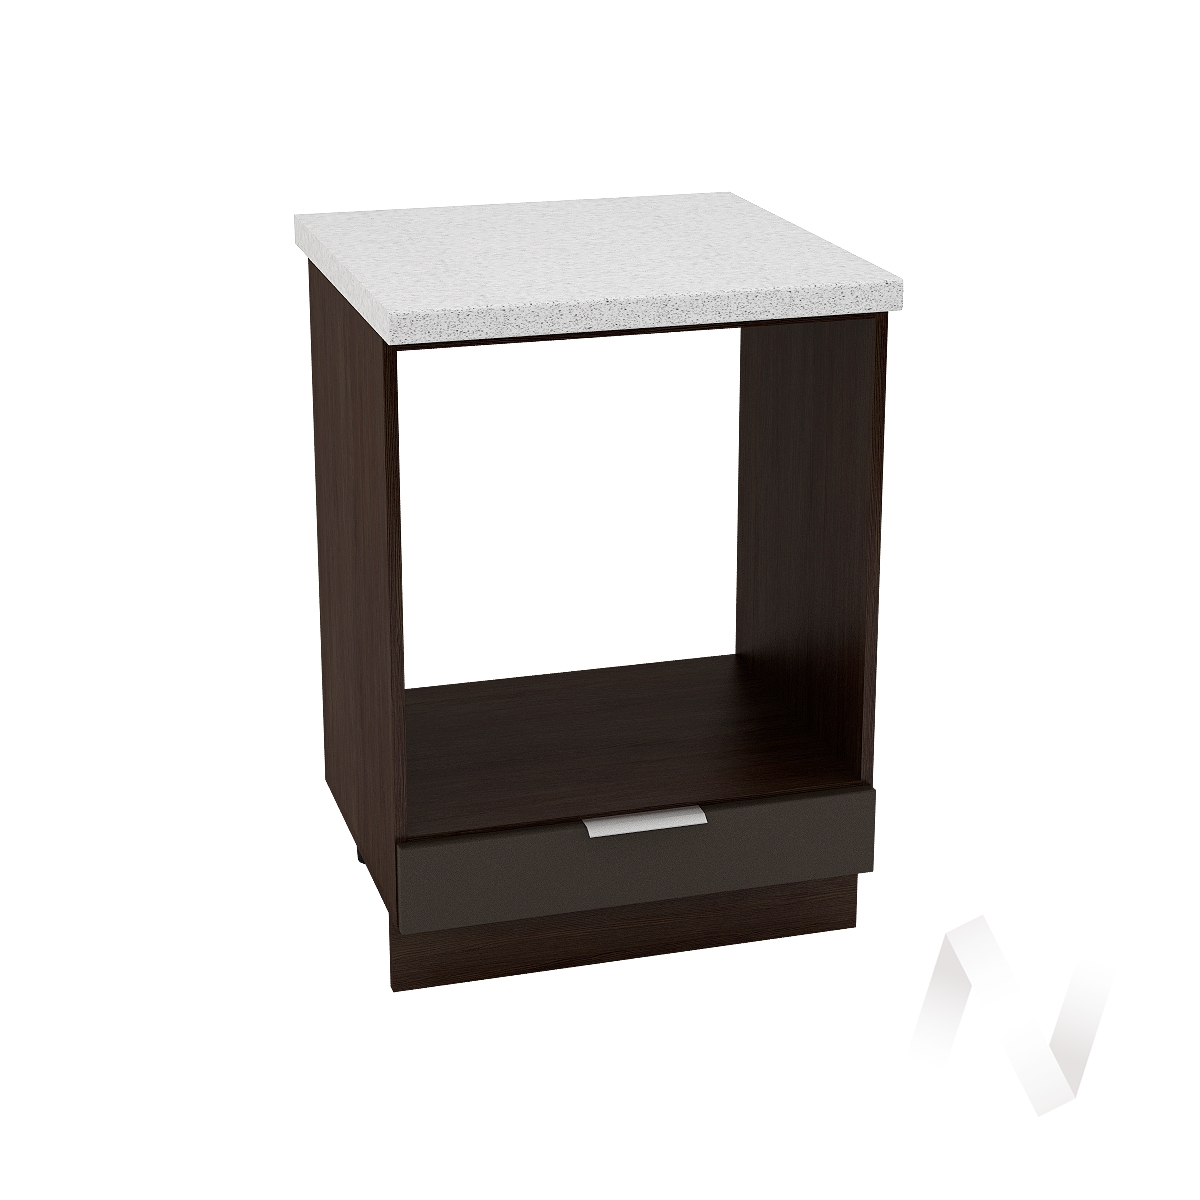 """Кухня """"Терра"""": Шкаф нижний под духовку 600, ШНД 600 (смоки софт/корпус венге)"""